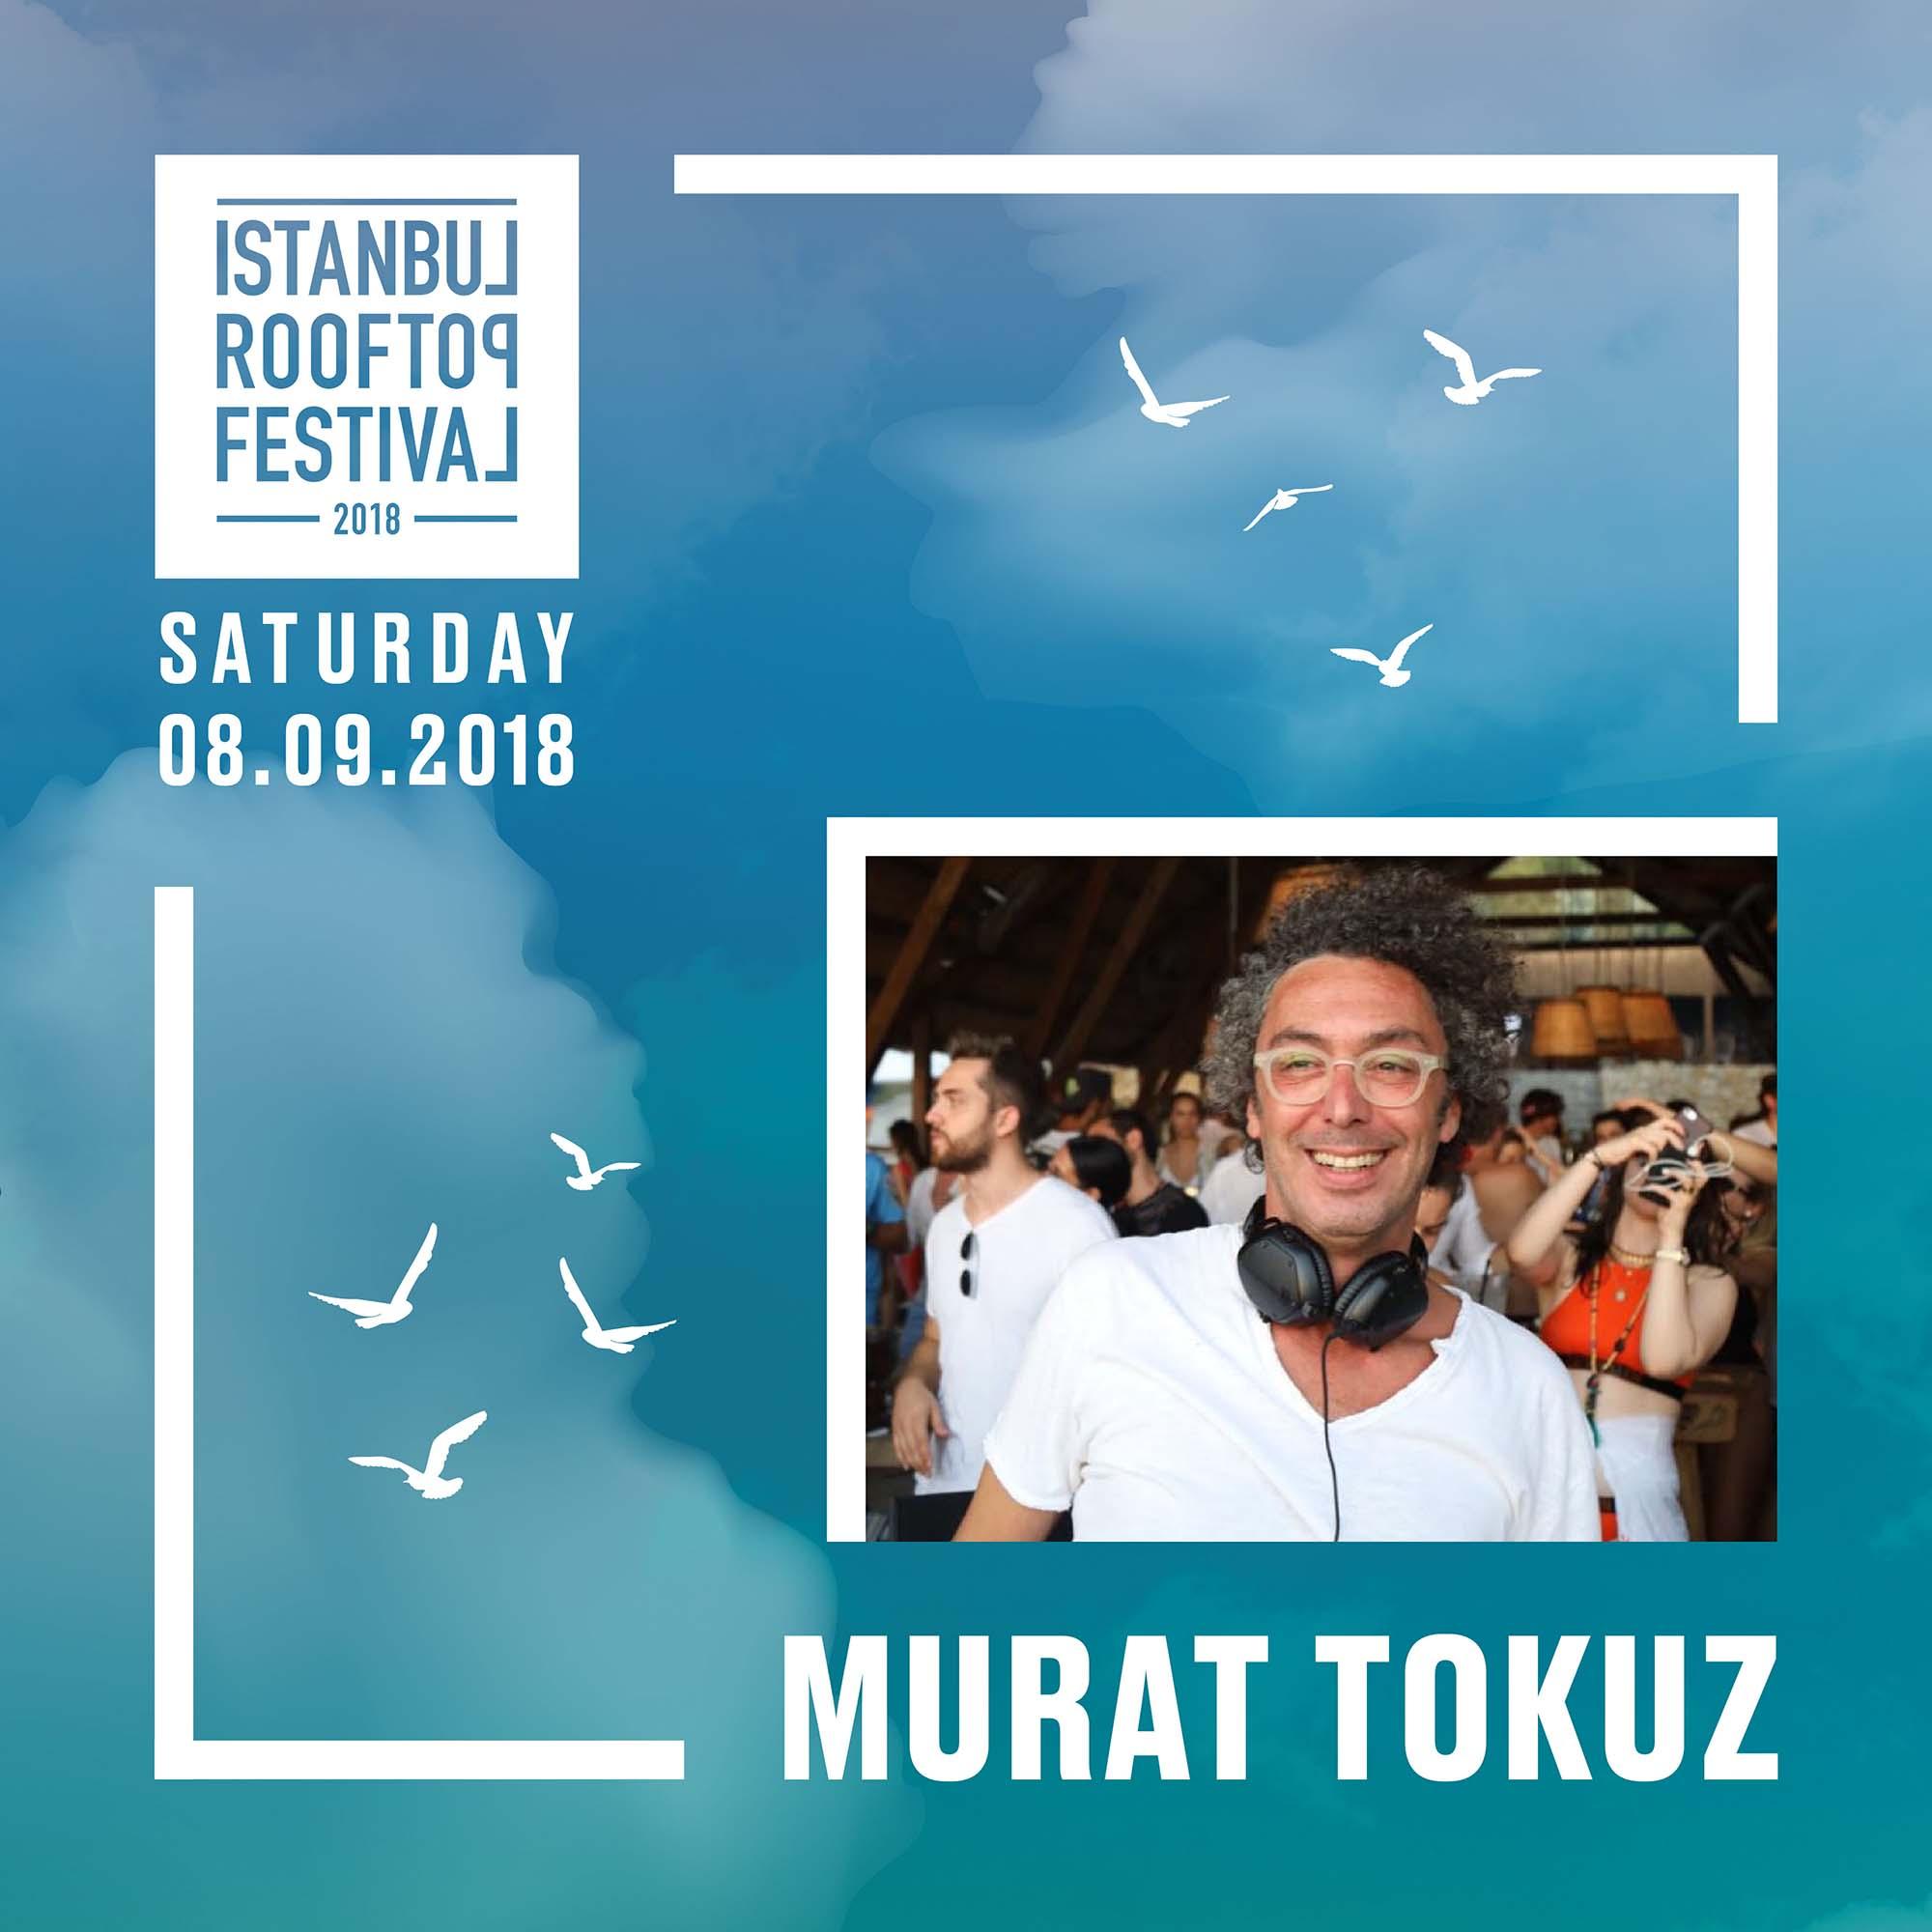 Murat Tokuz